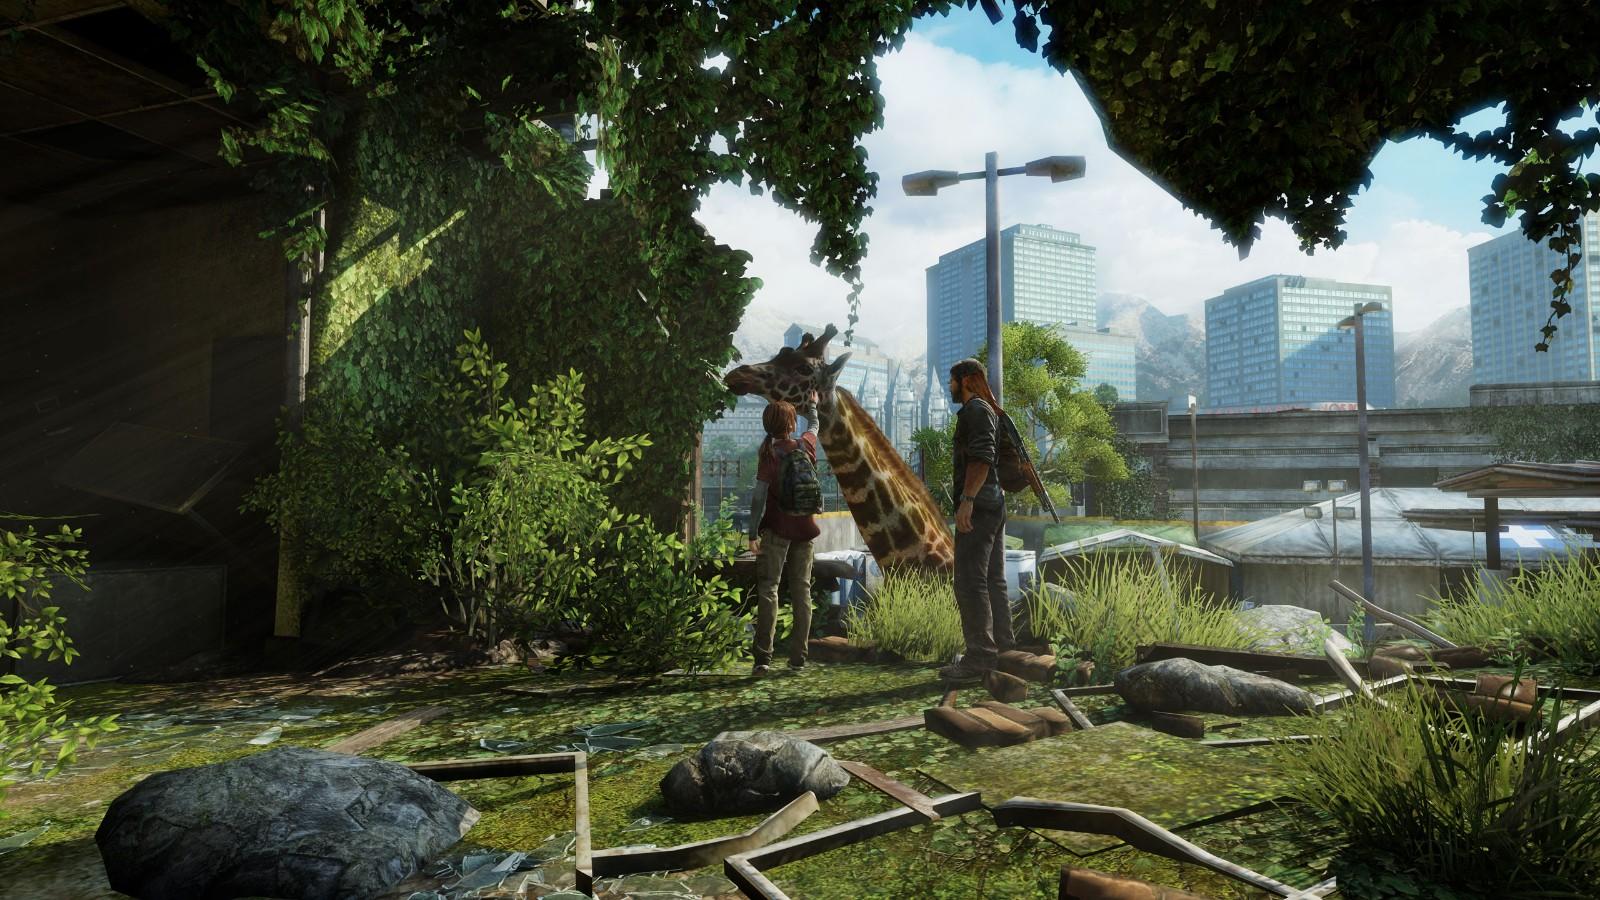 《最后生还者》发售8周年 顽皮狗发推感谢玩家支持